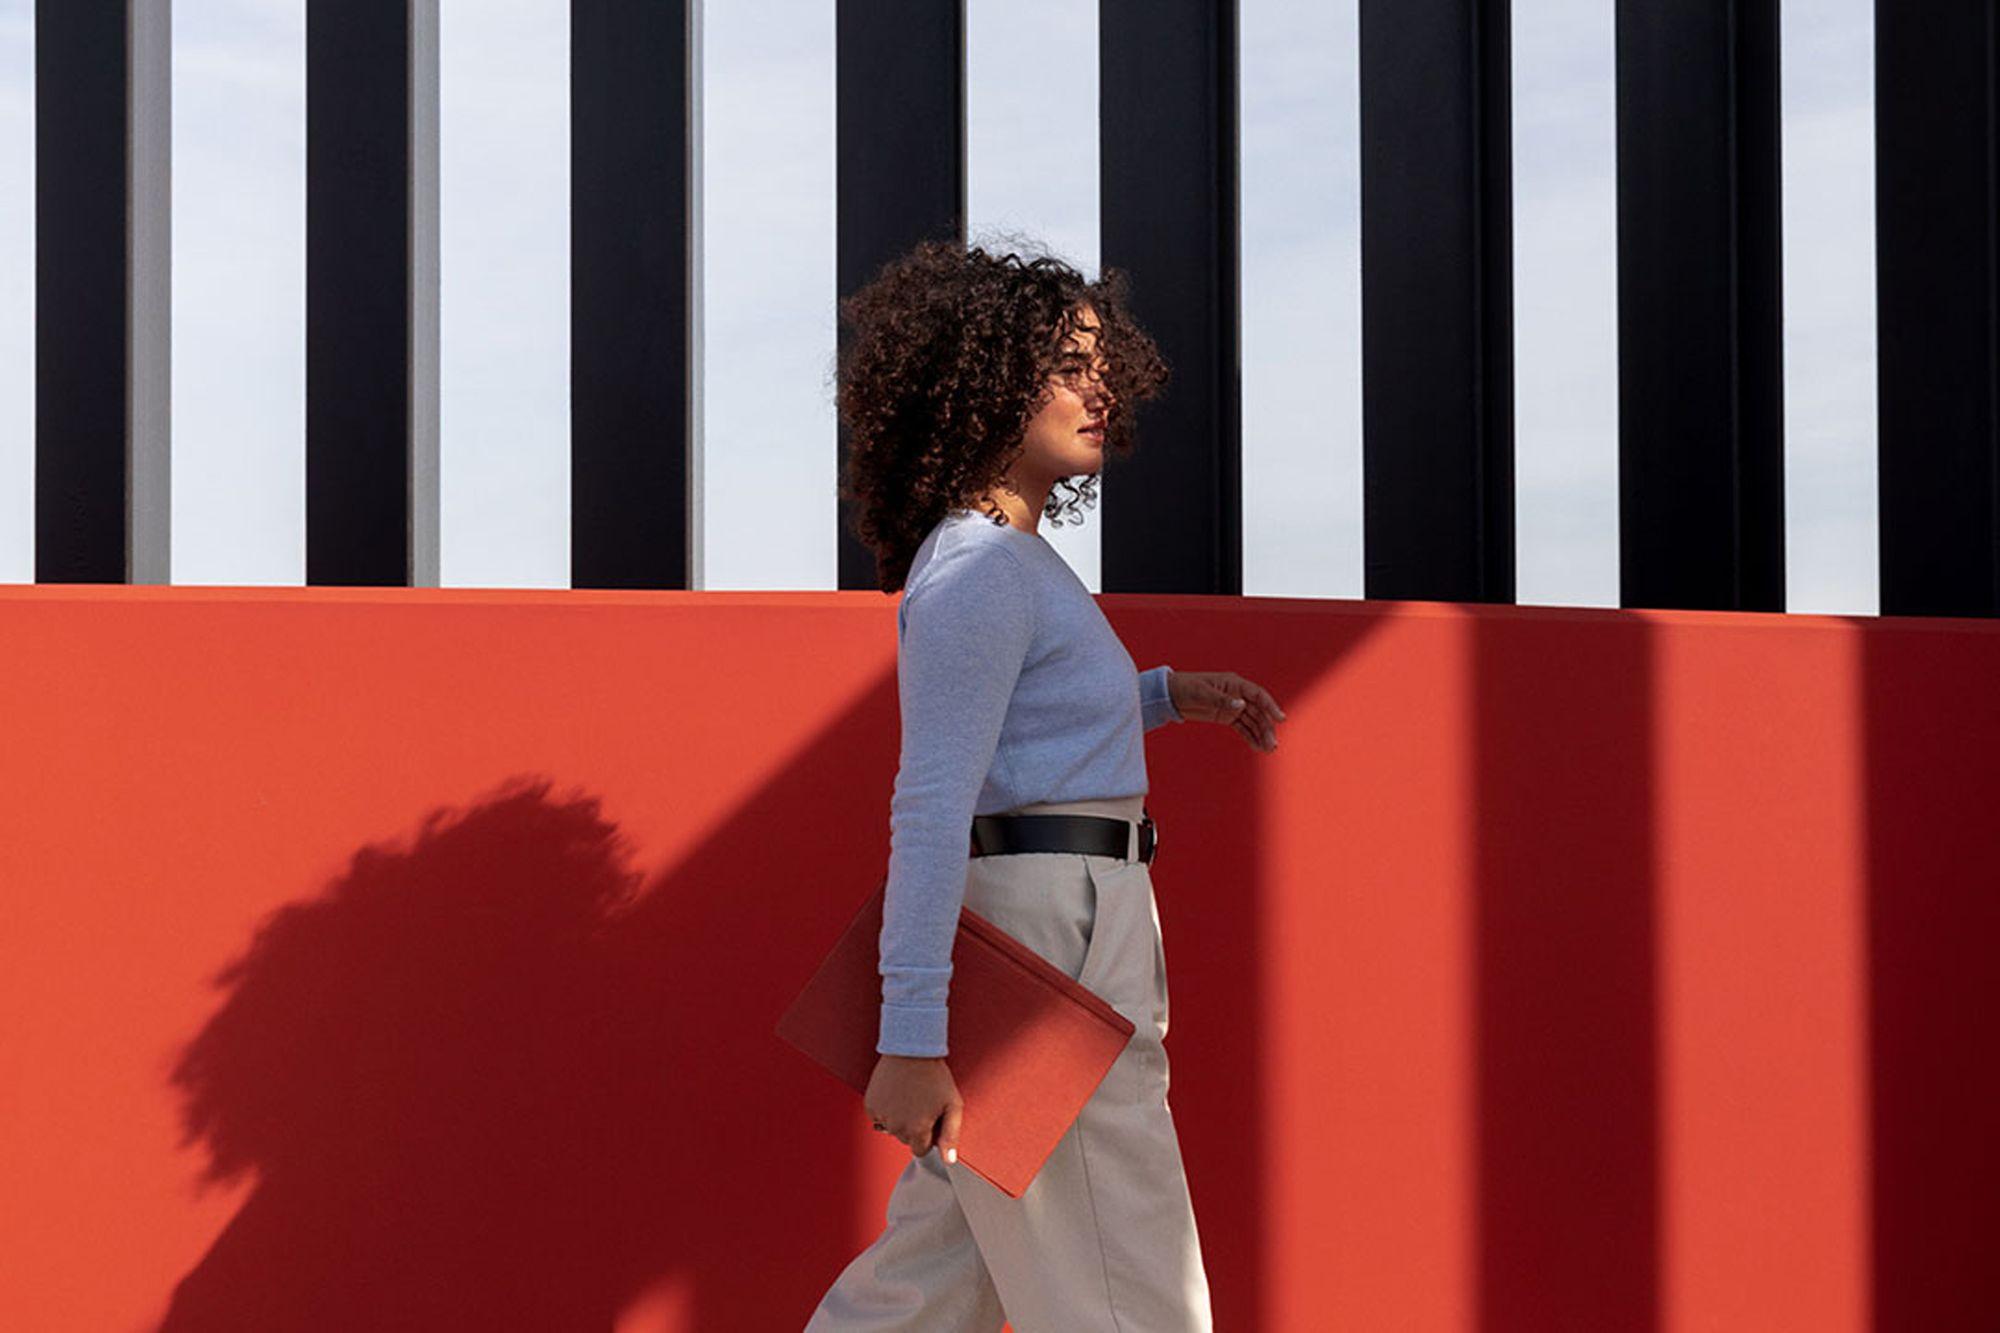 Eine Frau läuft mit dem Surface Pro 7 inklusive dem mohnroten Typecover in der Hand vor einer mohnroten Mauer entlang